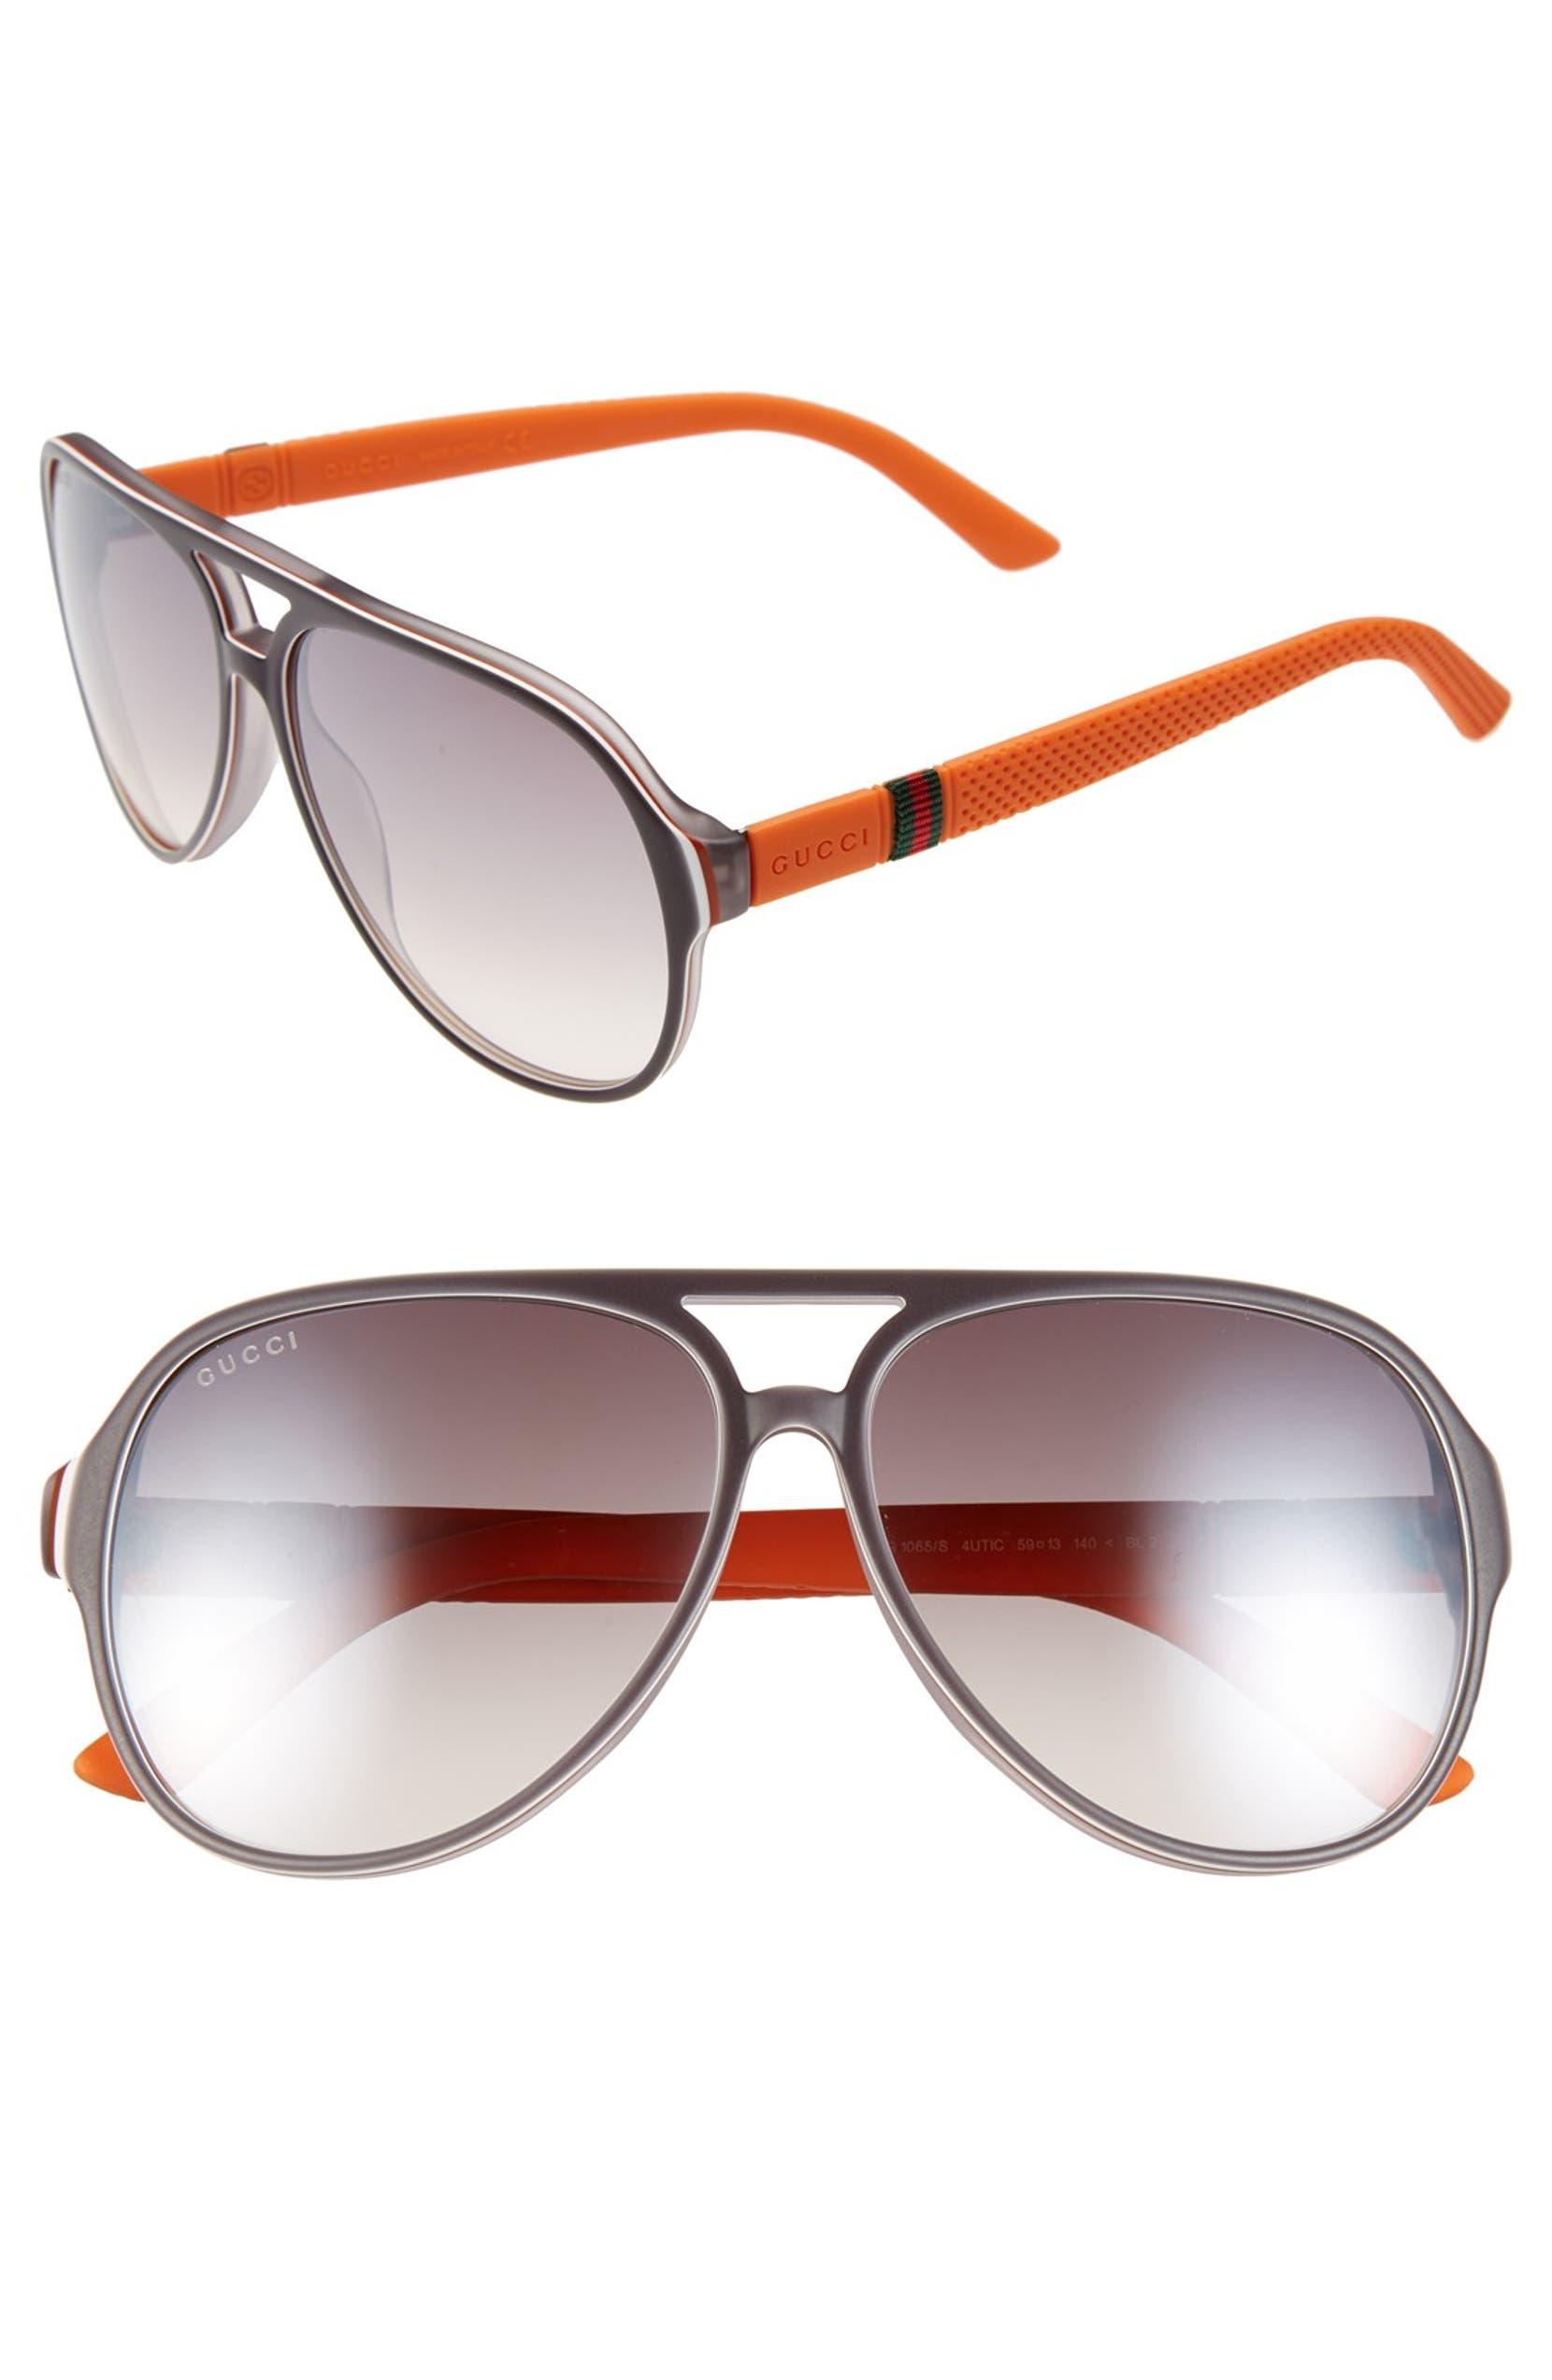 30abf88e3b Gucci  1065S  59mm Polarized Aviator Sunglasses